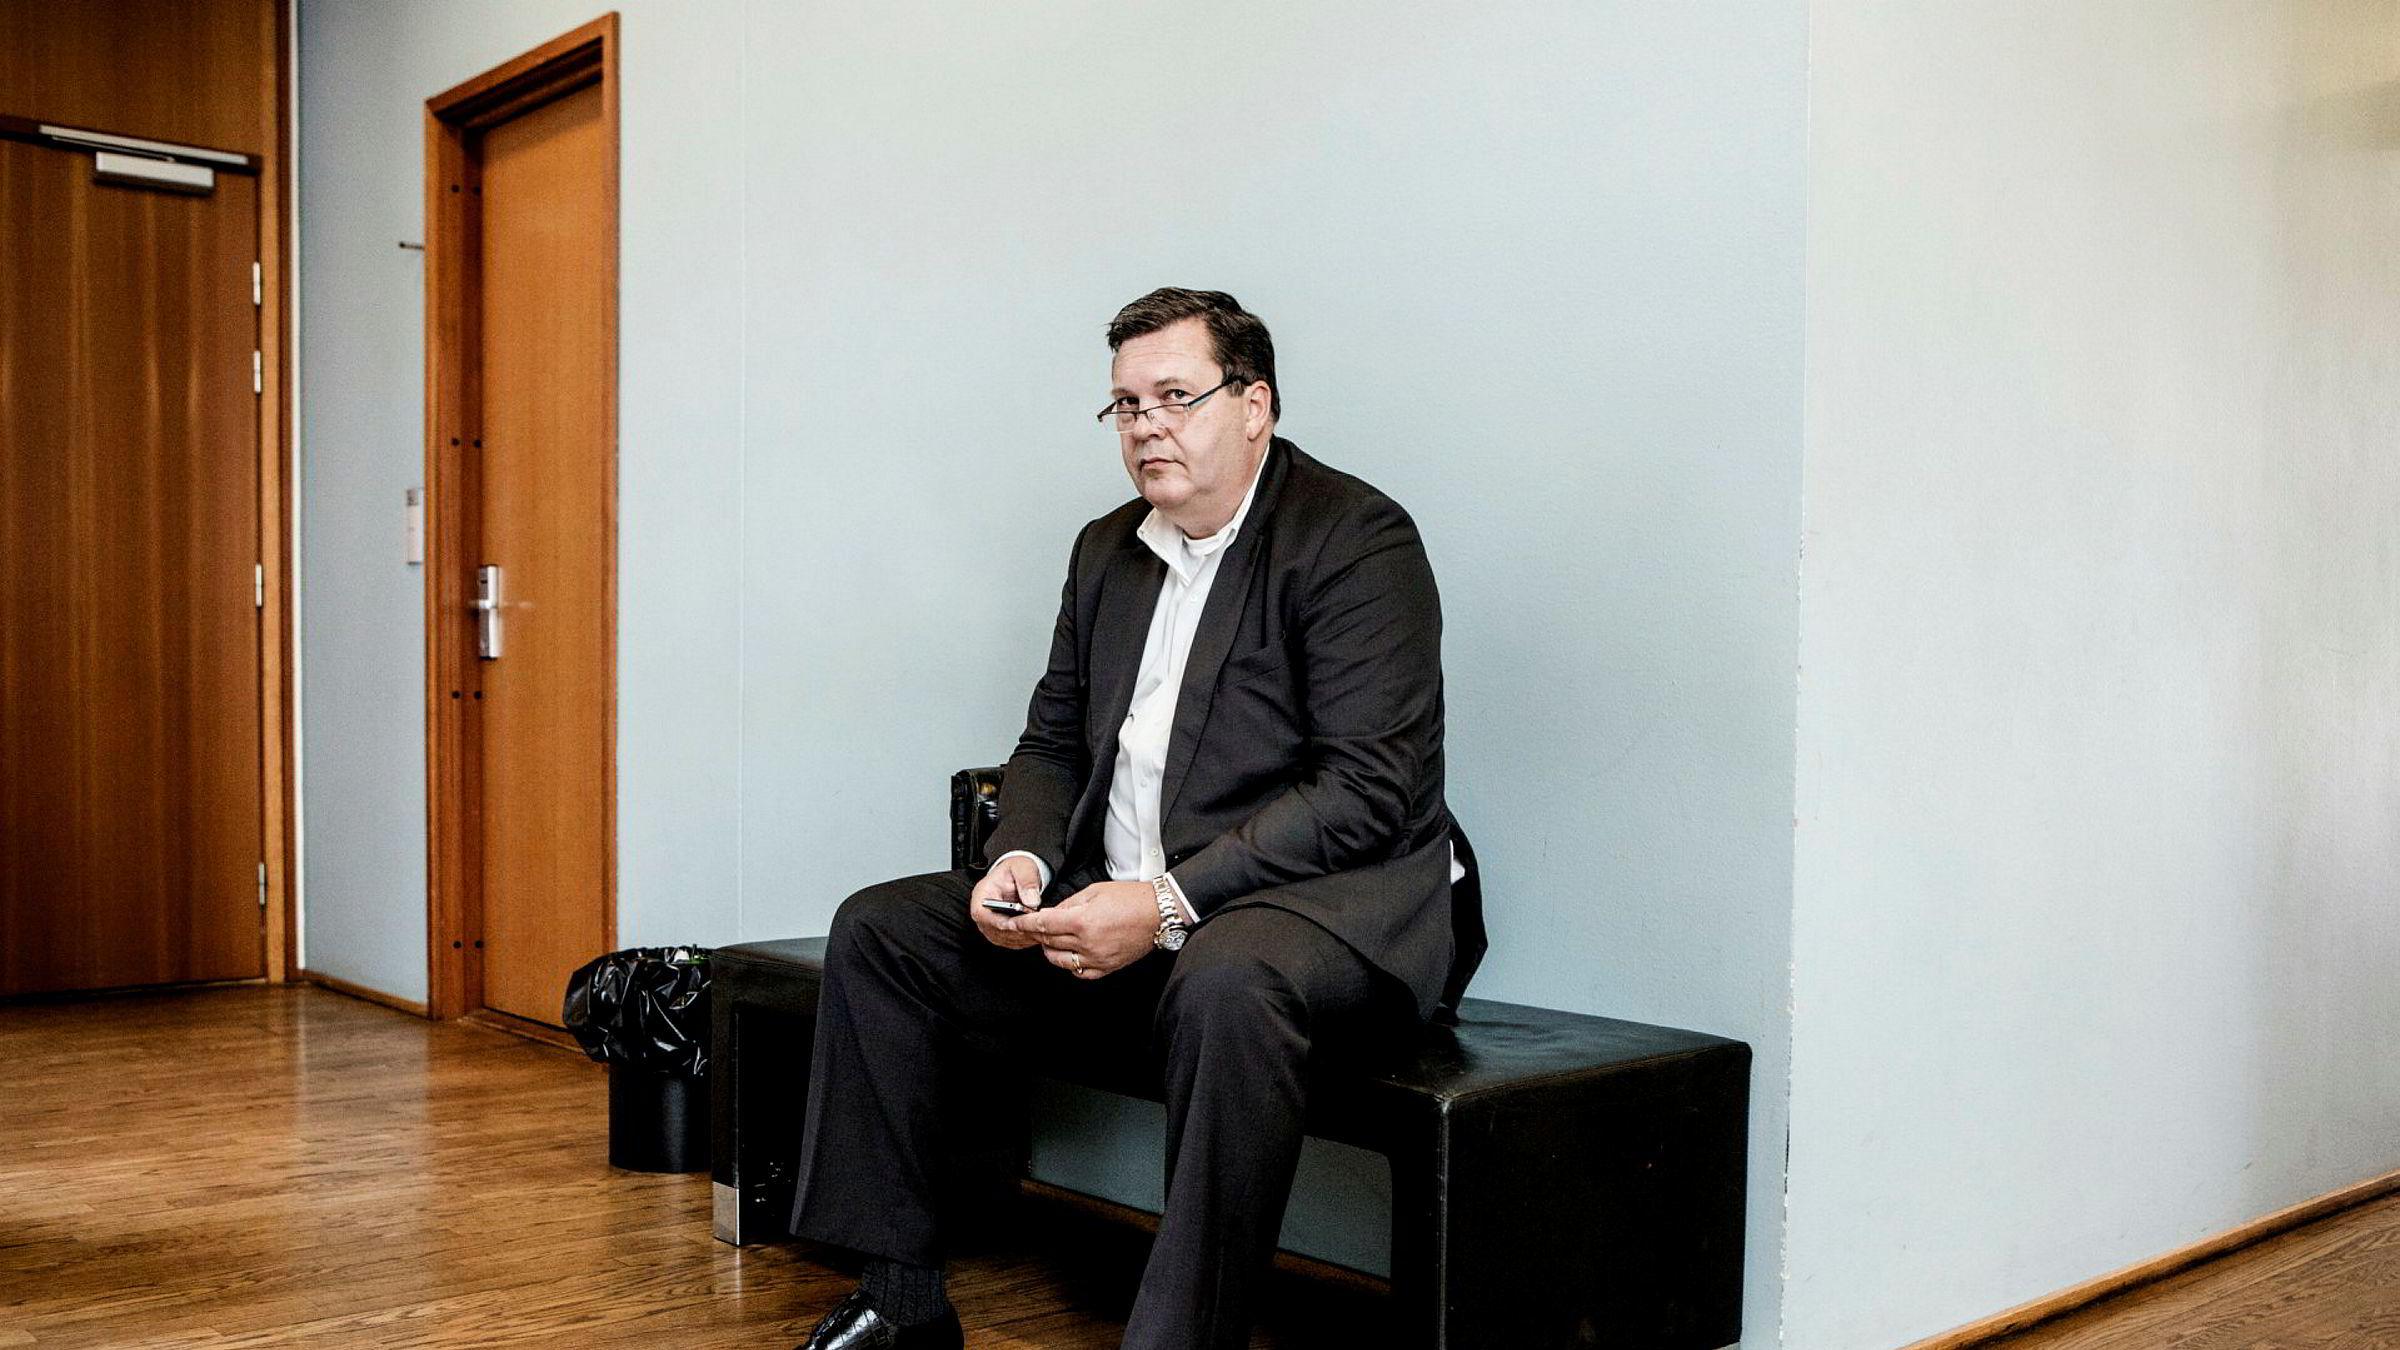 I mai dømte lagmannsretten tidligere styreleder i Intex, Jan Anders Vestrum, til fire års fengsel for korrupsjon. Nå er anken til Høyesterett avvist, og lagmannsrettens dom blir stående.